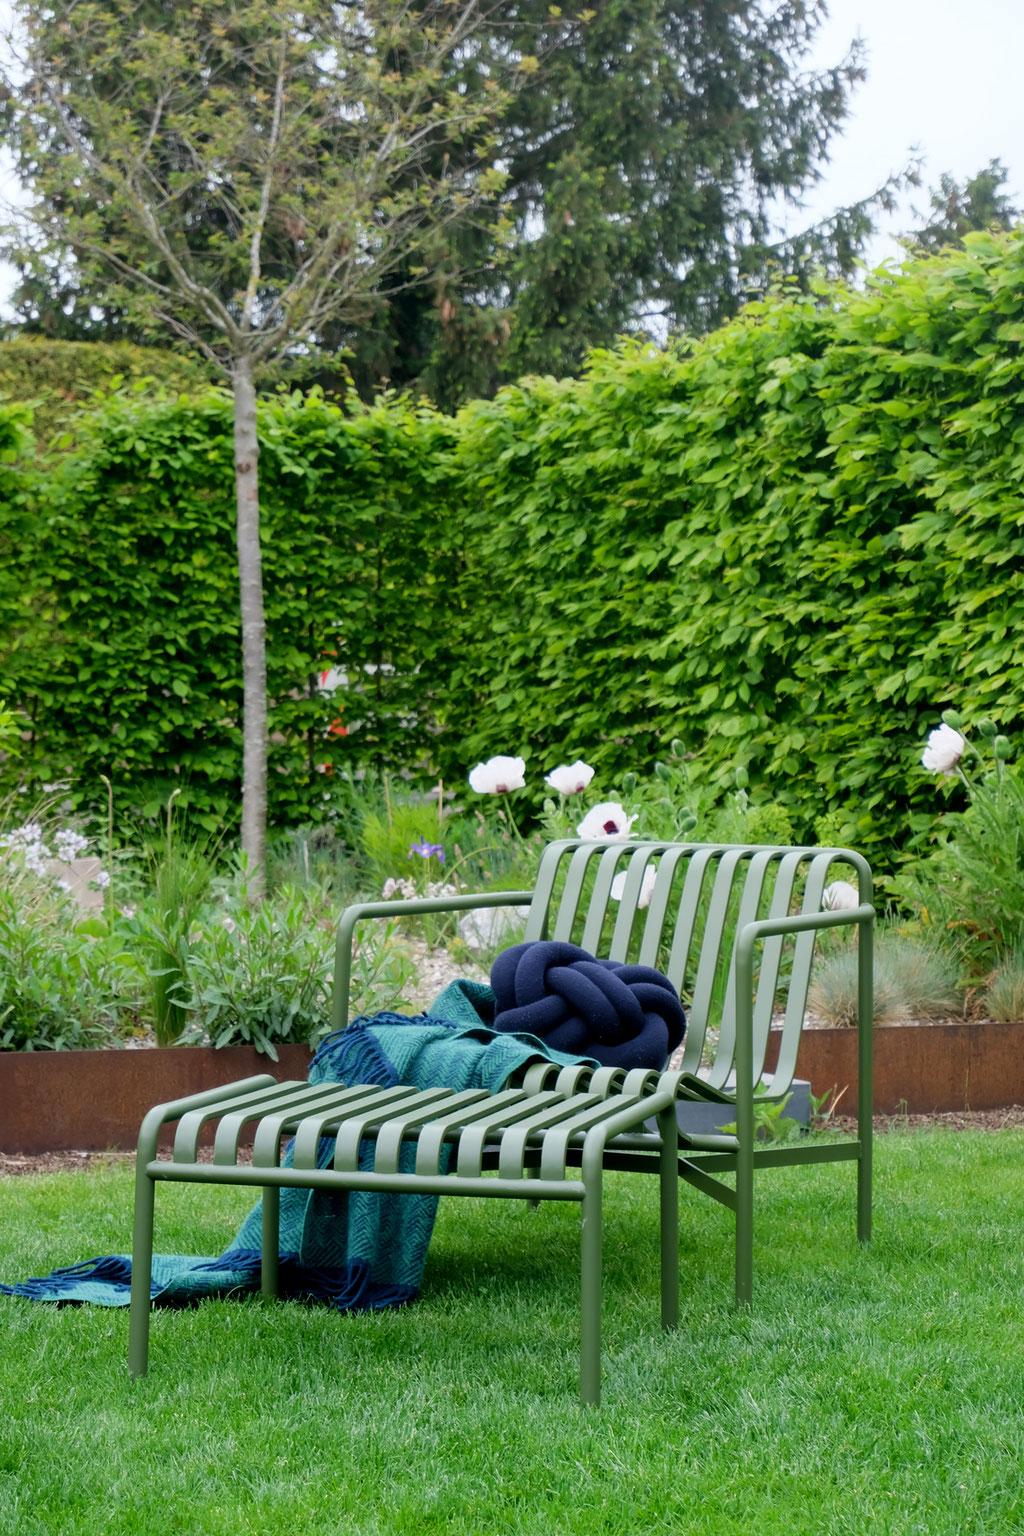 dieartigeGARTEN - Garten-Lounge-Sessel Palissade in Olive von Hay + Knot-Kissen + Klippan-Wolldecke | im Hintergrund der Steppengarten